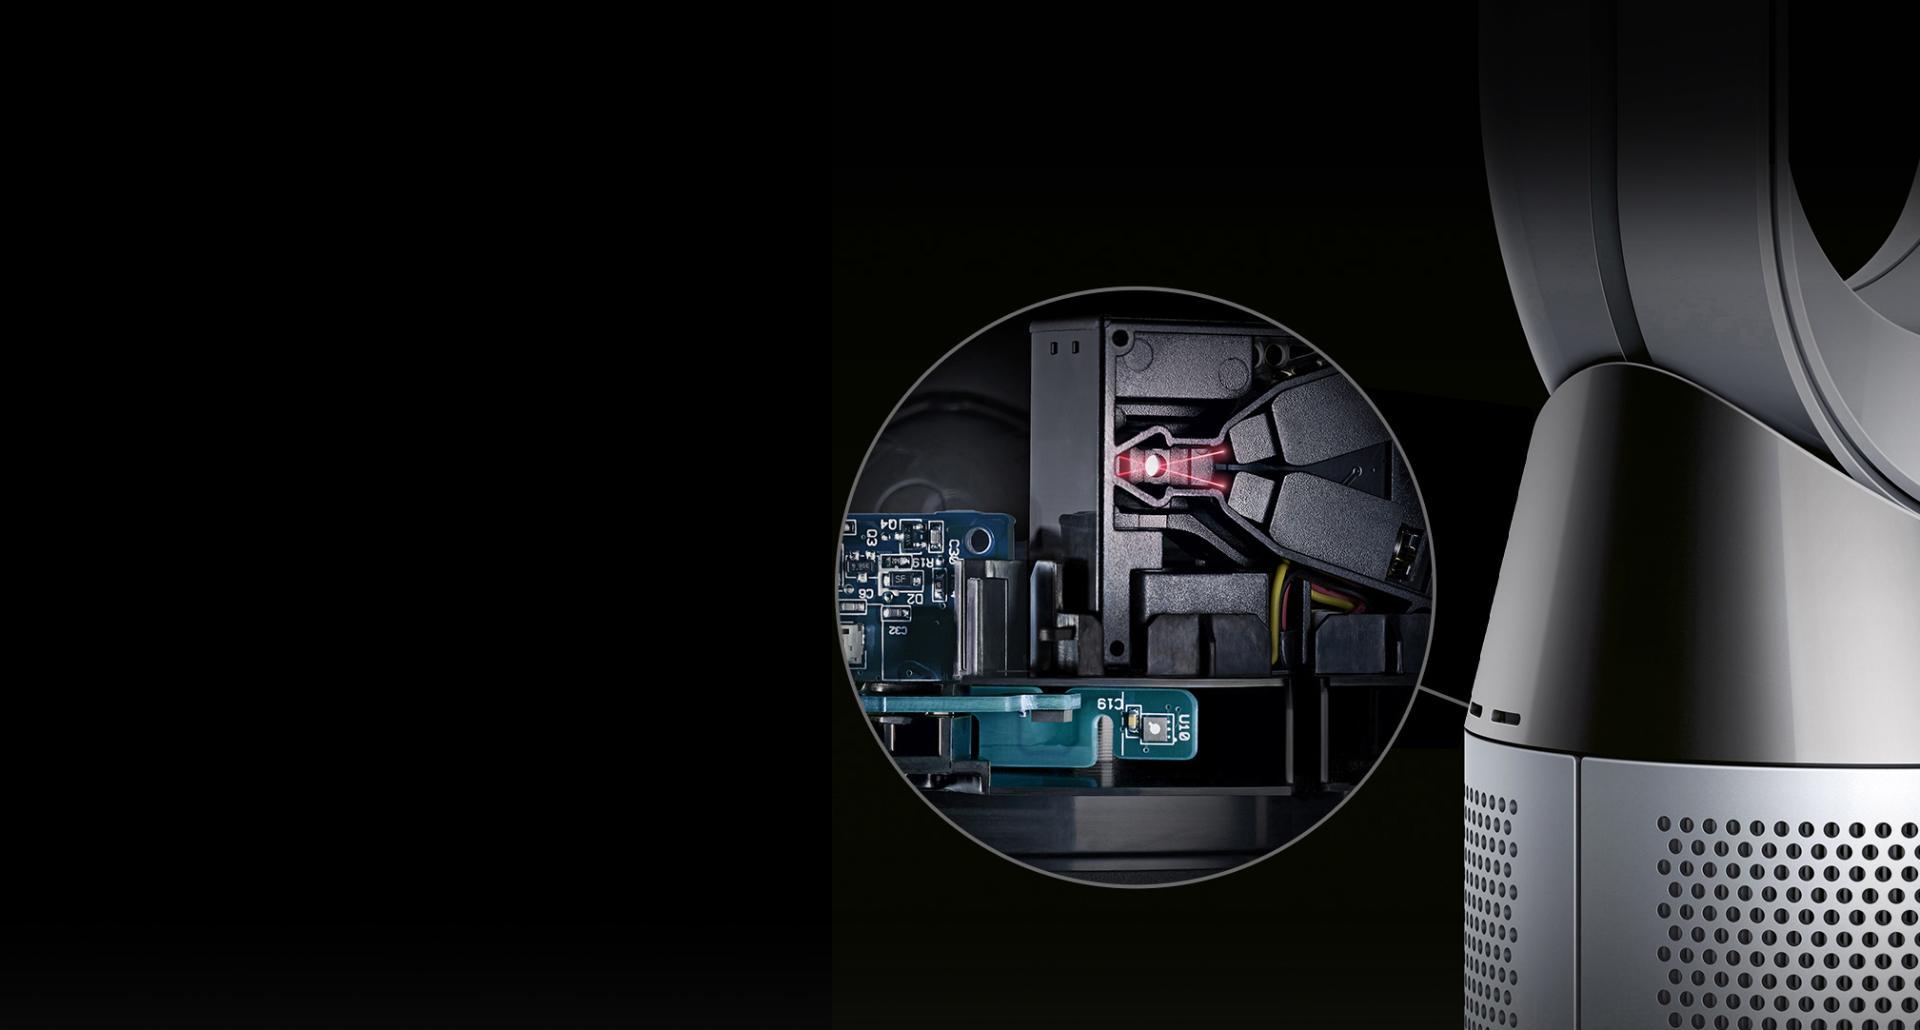 Dyson Pure Cool hava temizleyici fanın sensörünün yakınlaştırılmış gösterimi